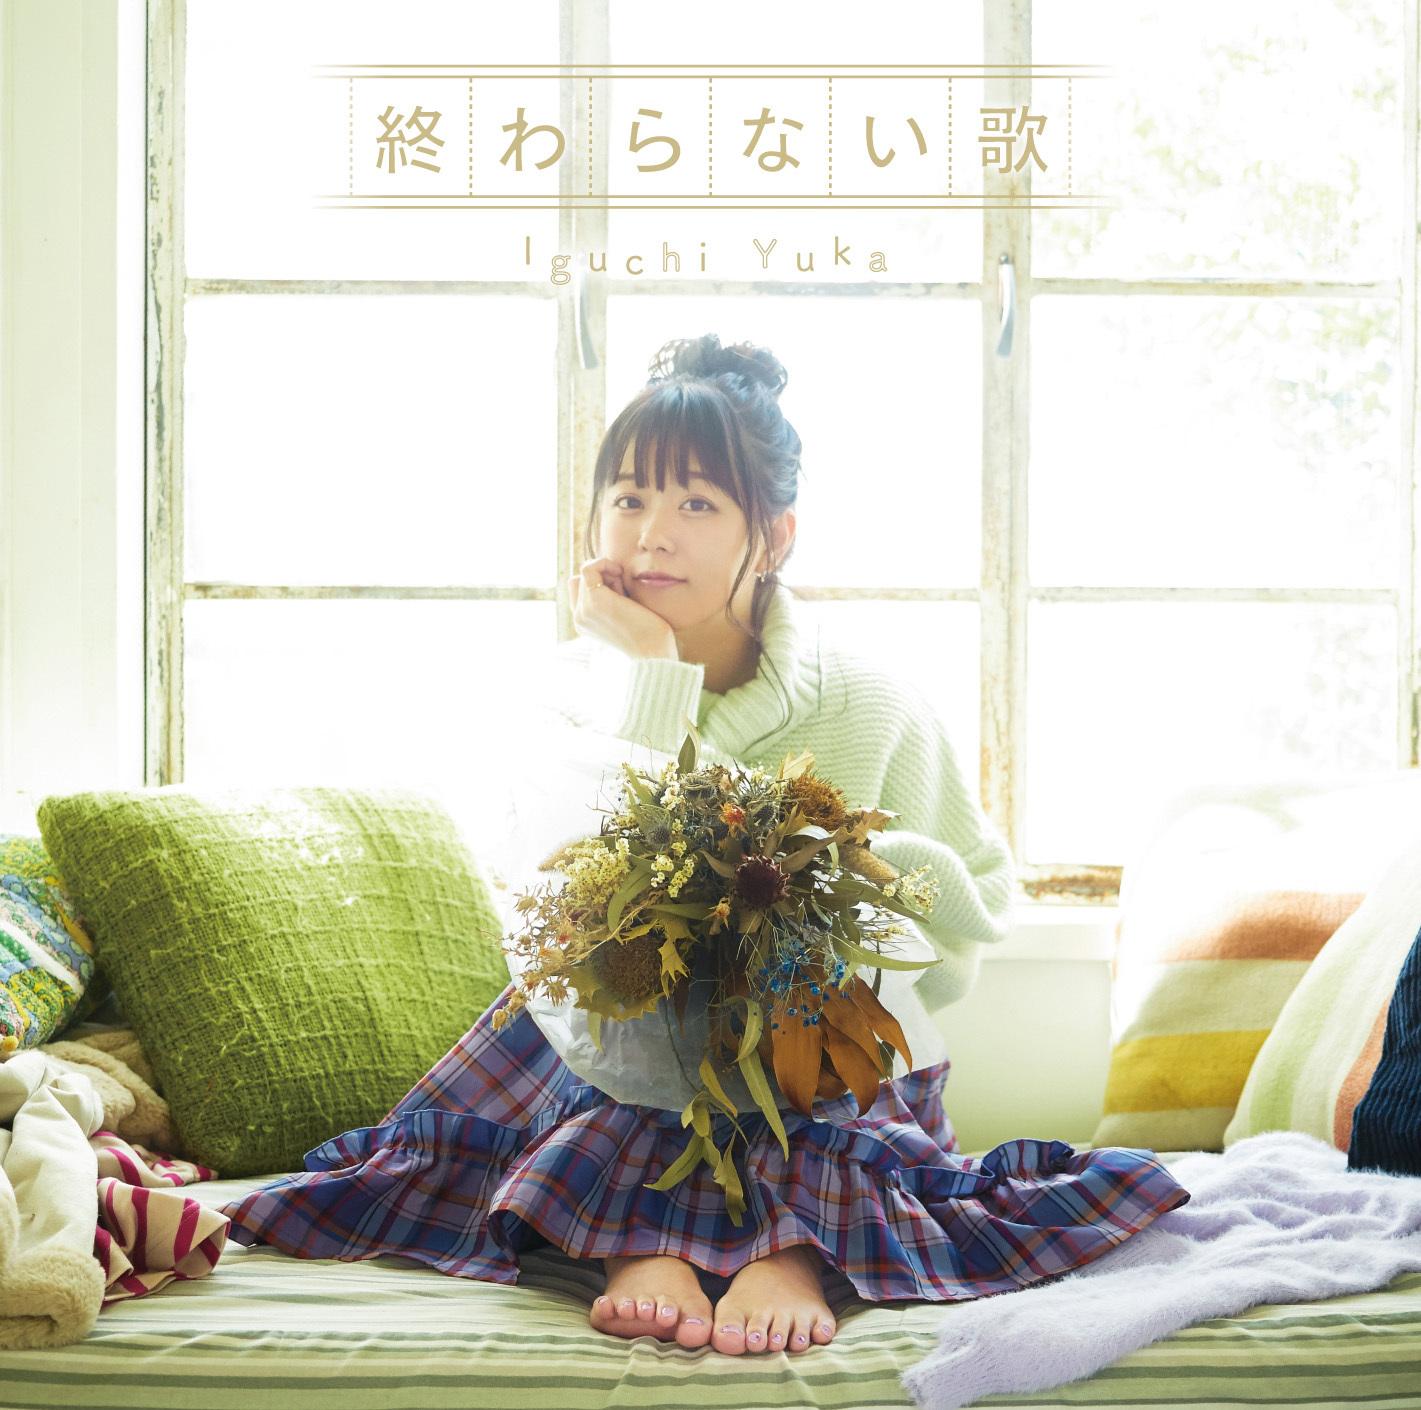 井口裕香「終わらない歌」アーティスト盤ジャケット